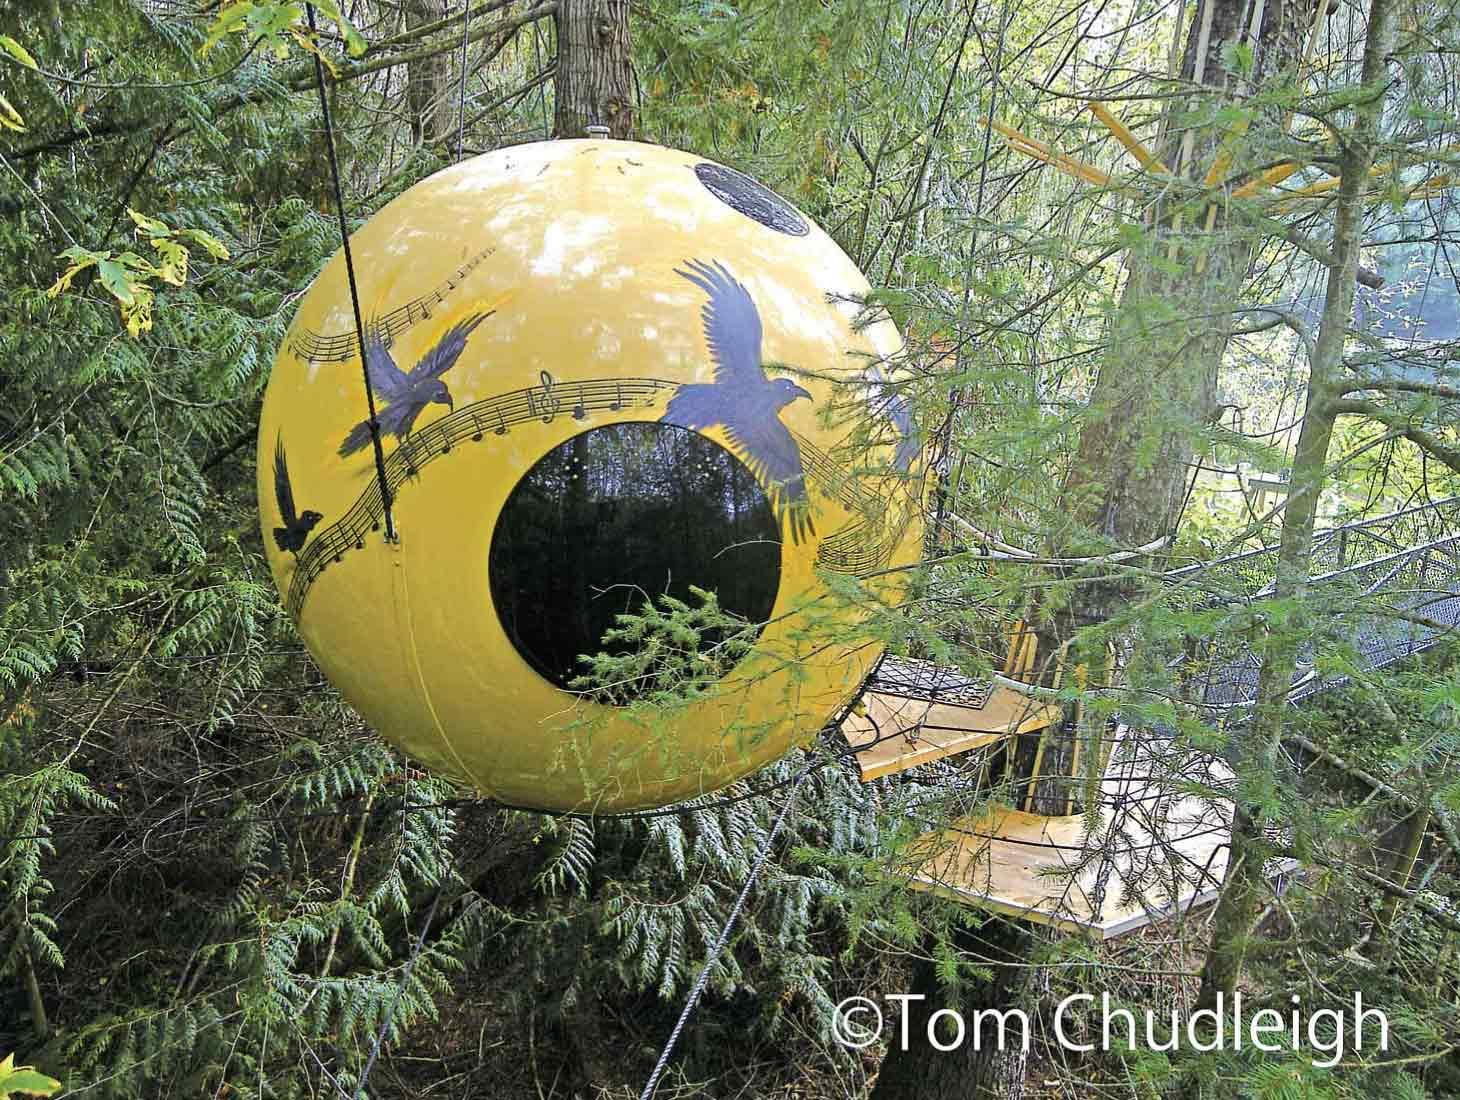 「Free Sprit Spheres」の球体ツリーハウス。こちらは「MELODY」